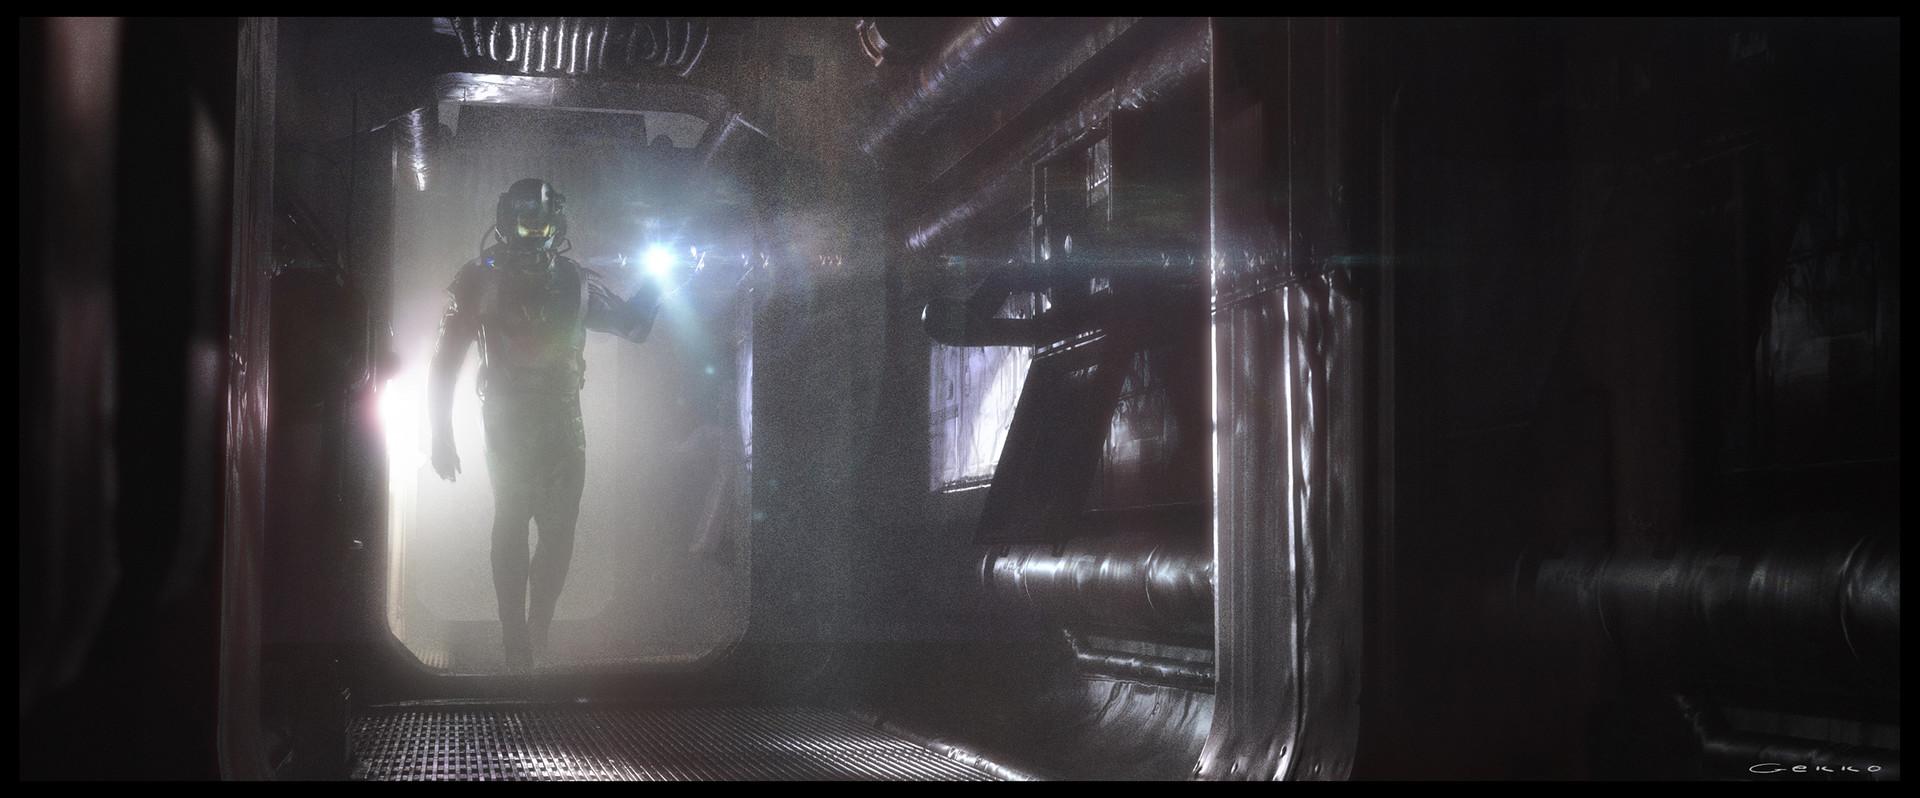 Nicolas gekko the abyss 6